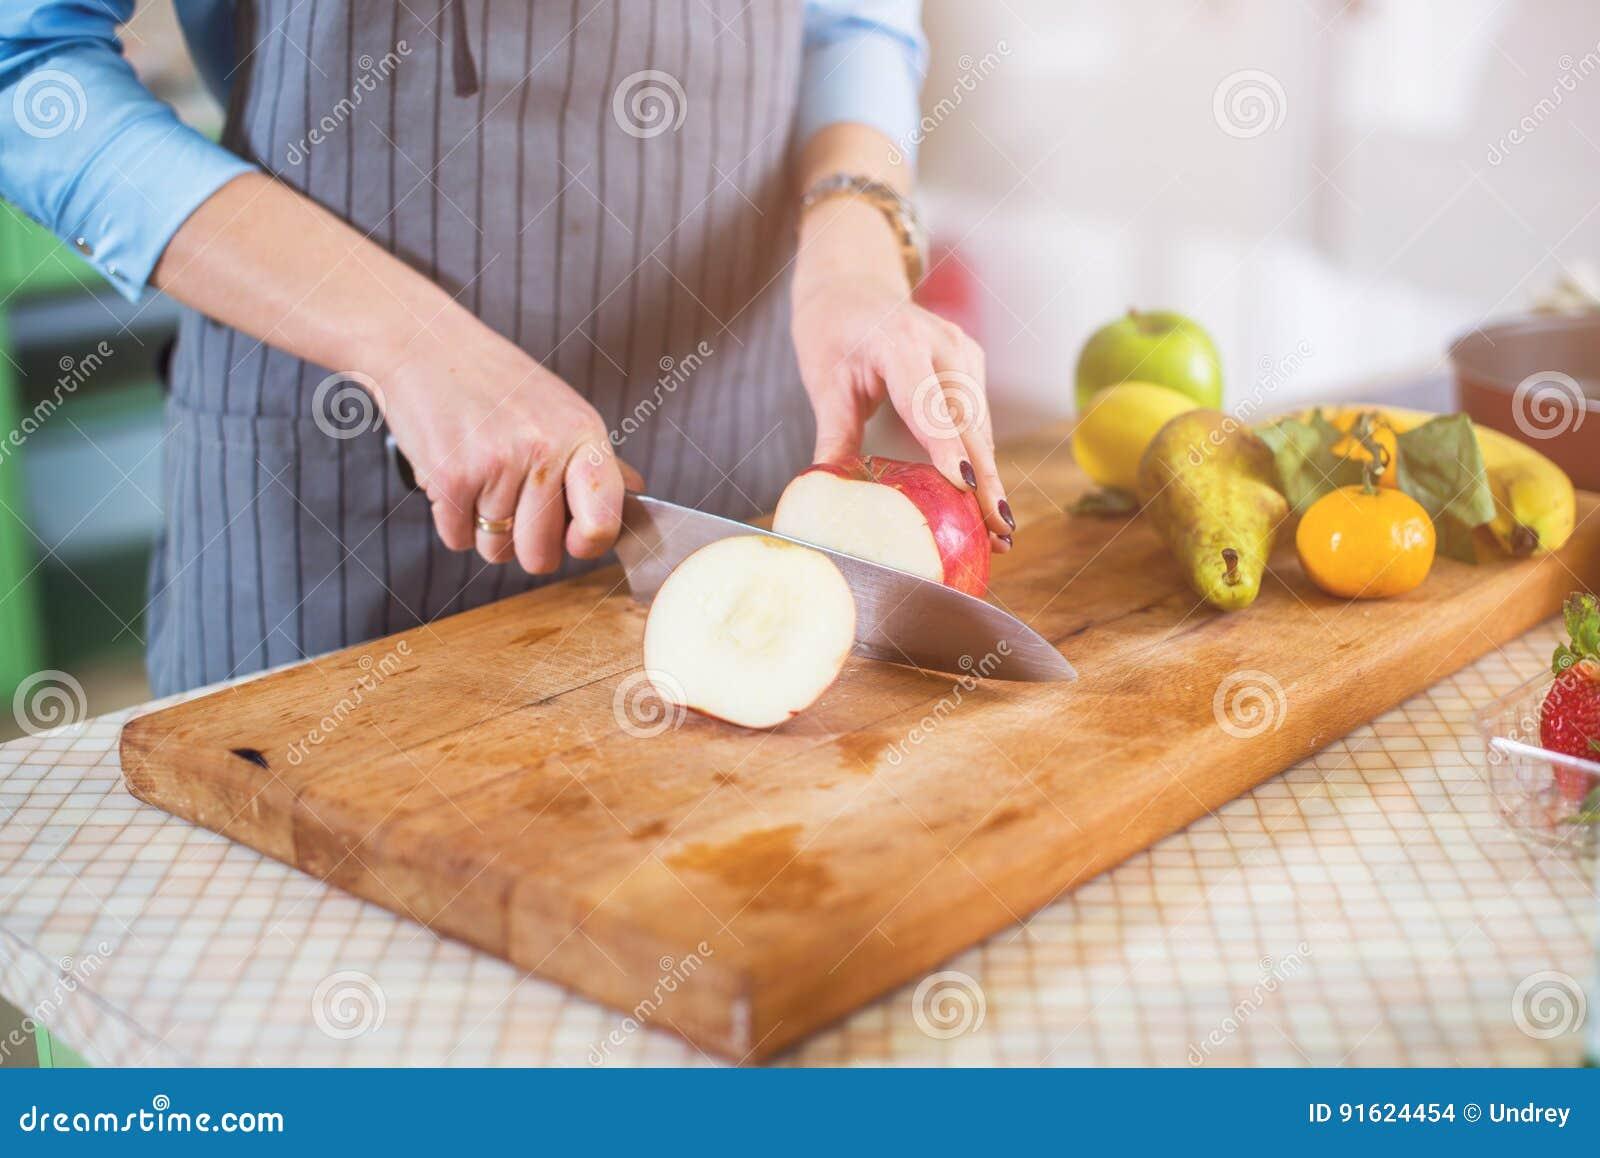 Χέρια που κόβουν ένα μήλο στον τεμαχίζοντας πίνακα Νέα γυναίκα που προετοιμάζει μια σαλάτα φρούτων στην κουζίνα της